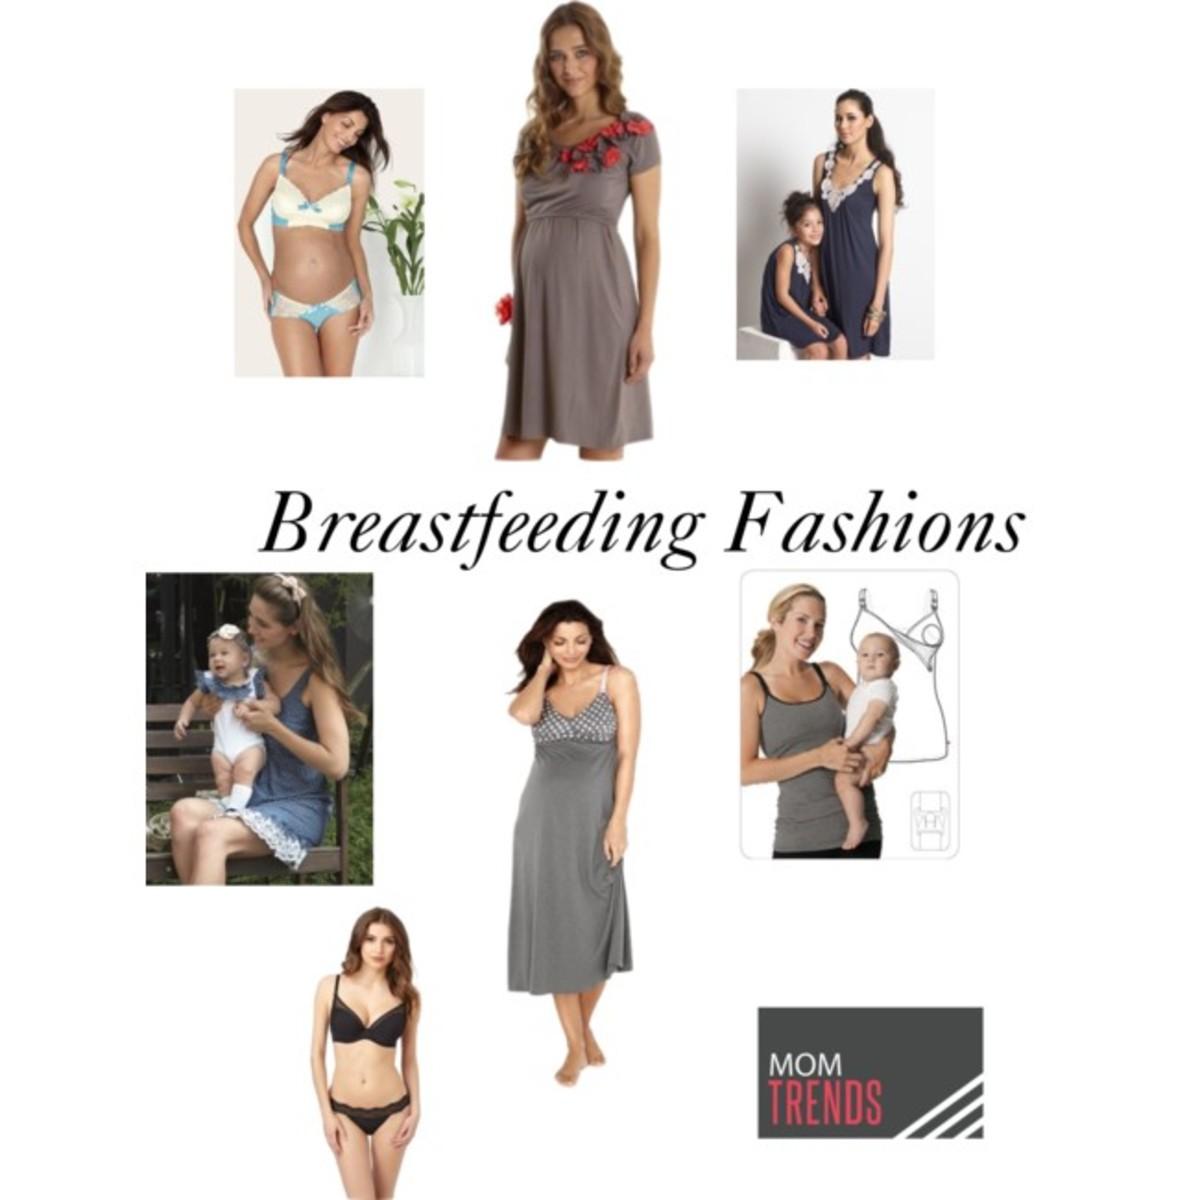 breastfeeding fashions